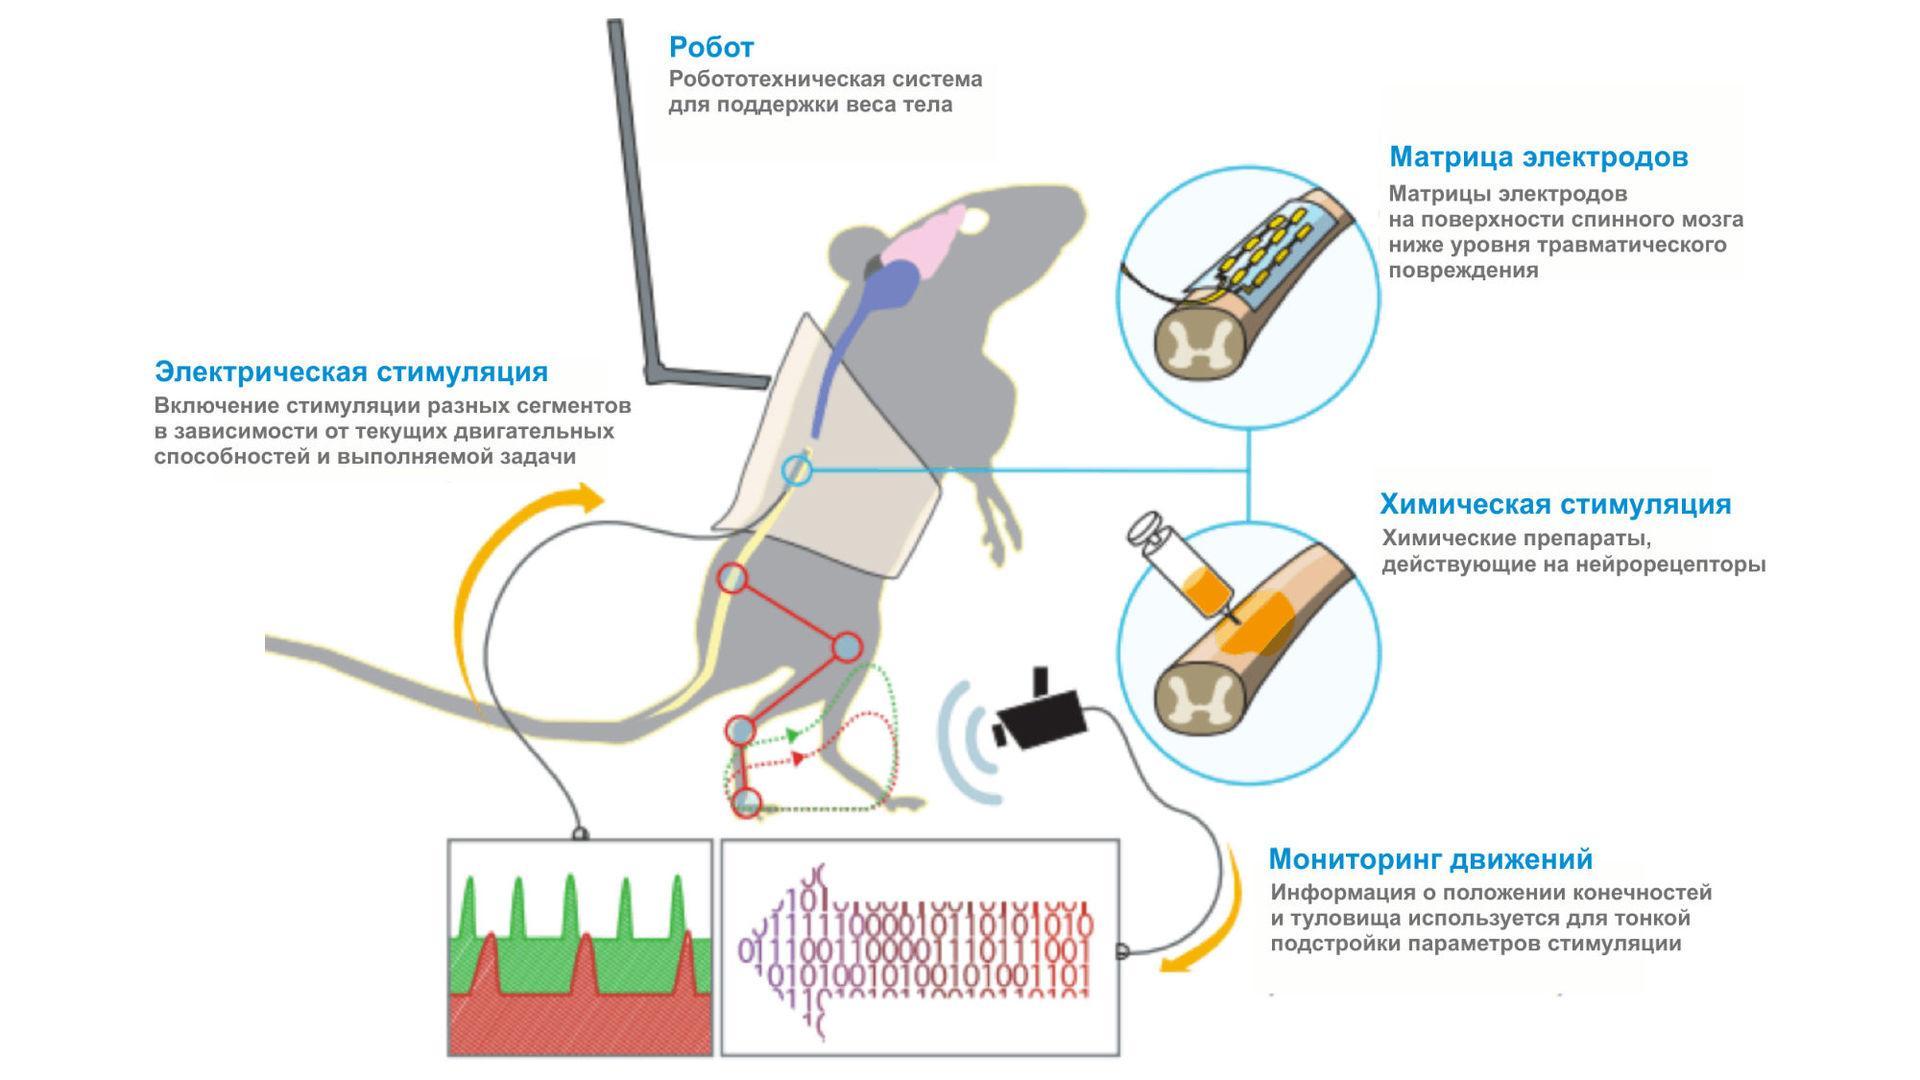 Нейрофизиологи побороли паралич у крыс при помощи стимуляции спинного мозга